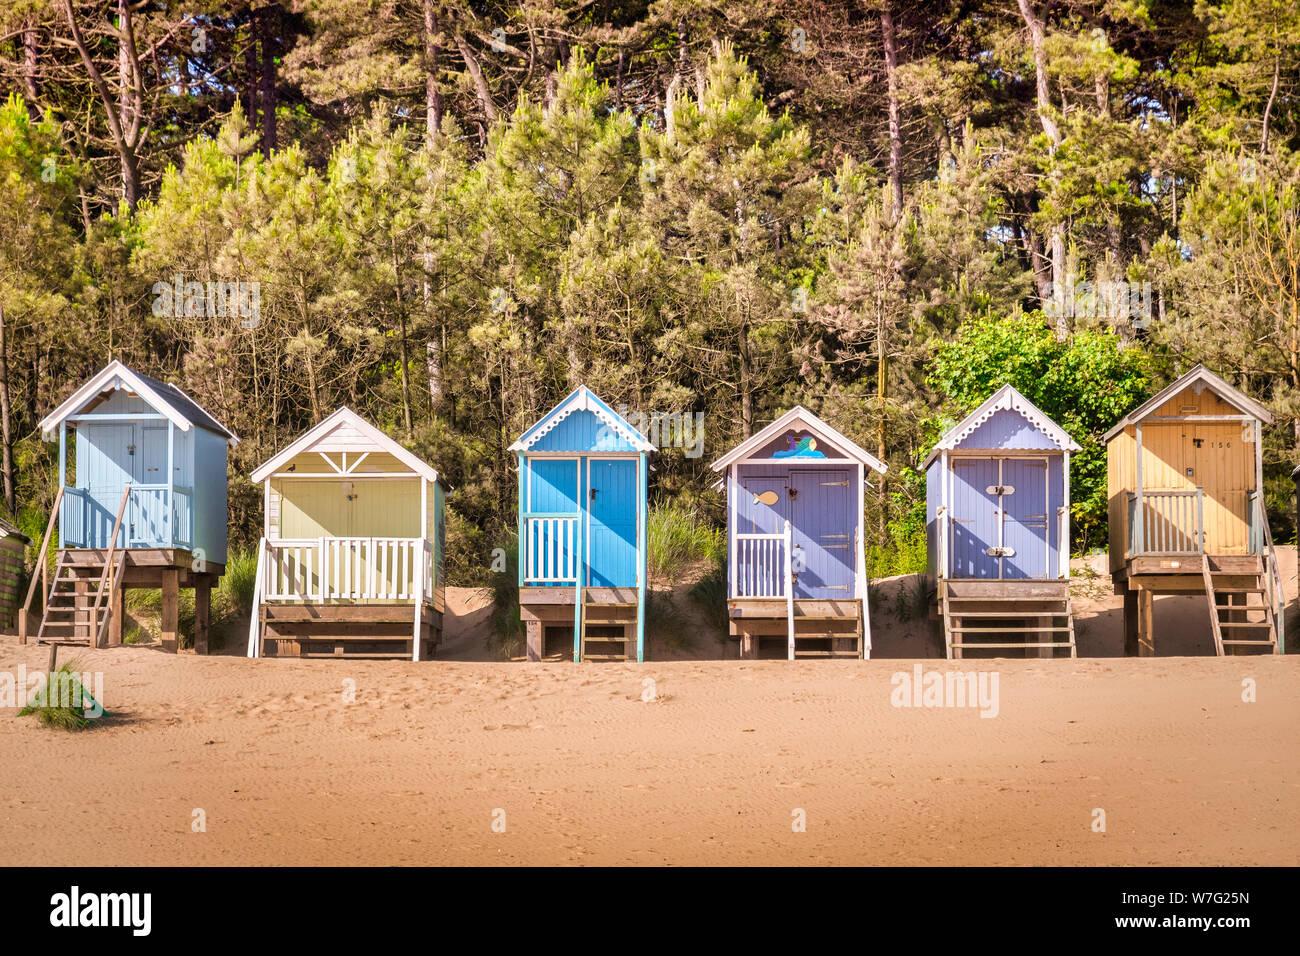 Cabanes sur la plage à Wells-Next-The-Sea, Norfolk, Angleterre, Royaume-Uni. Banque D'Images